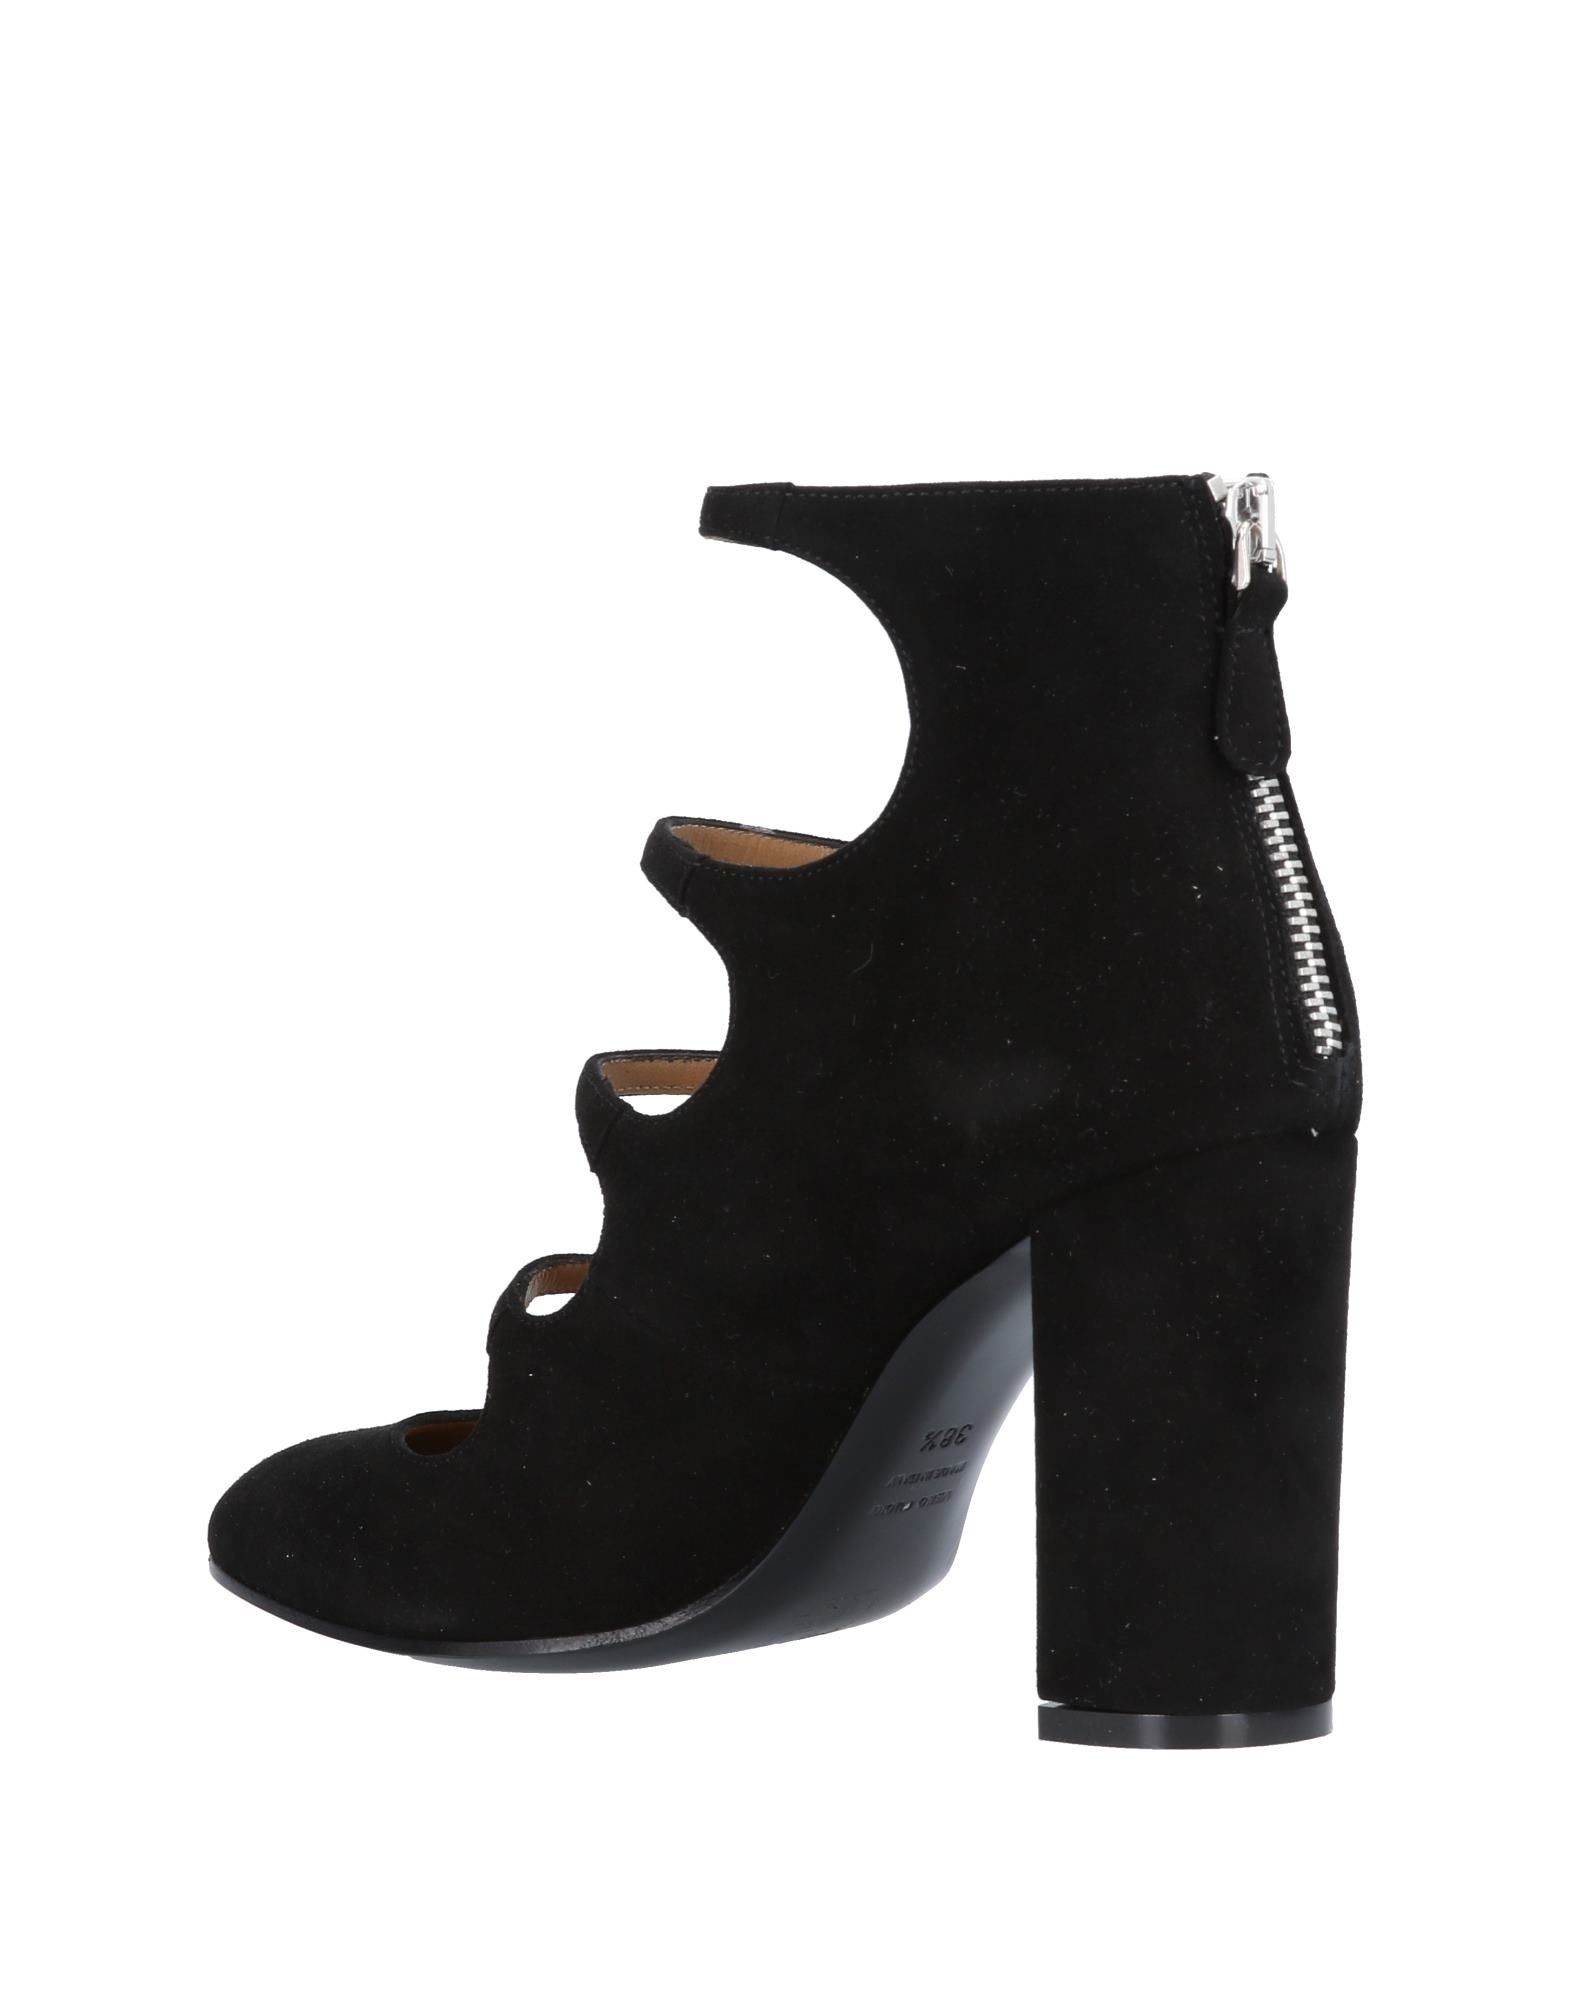 Gut Festa um billige Schuhe zu tragenRoberto Festa Gut Pumps Damen  11498058FM 63f13d